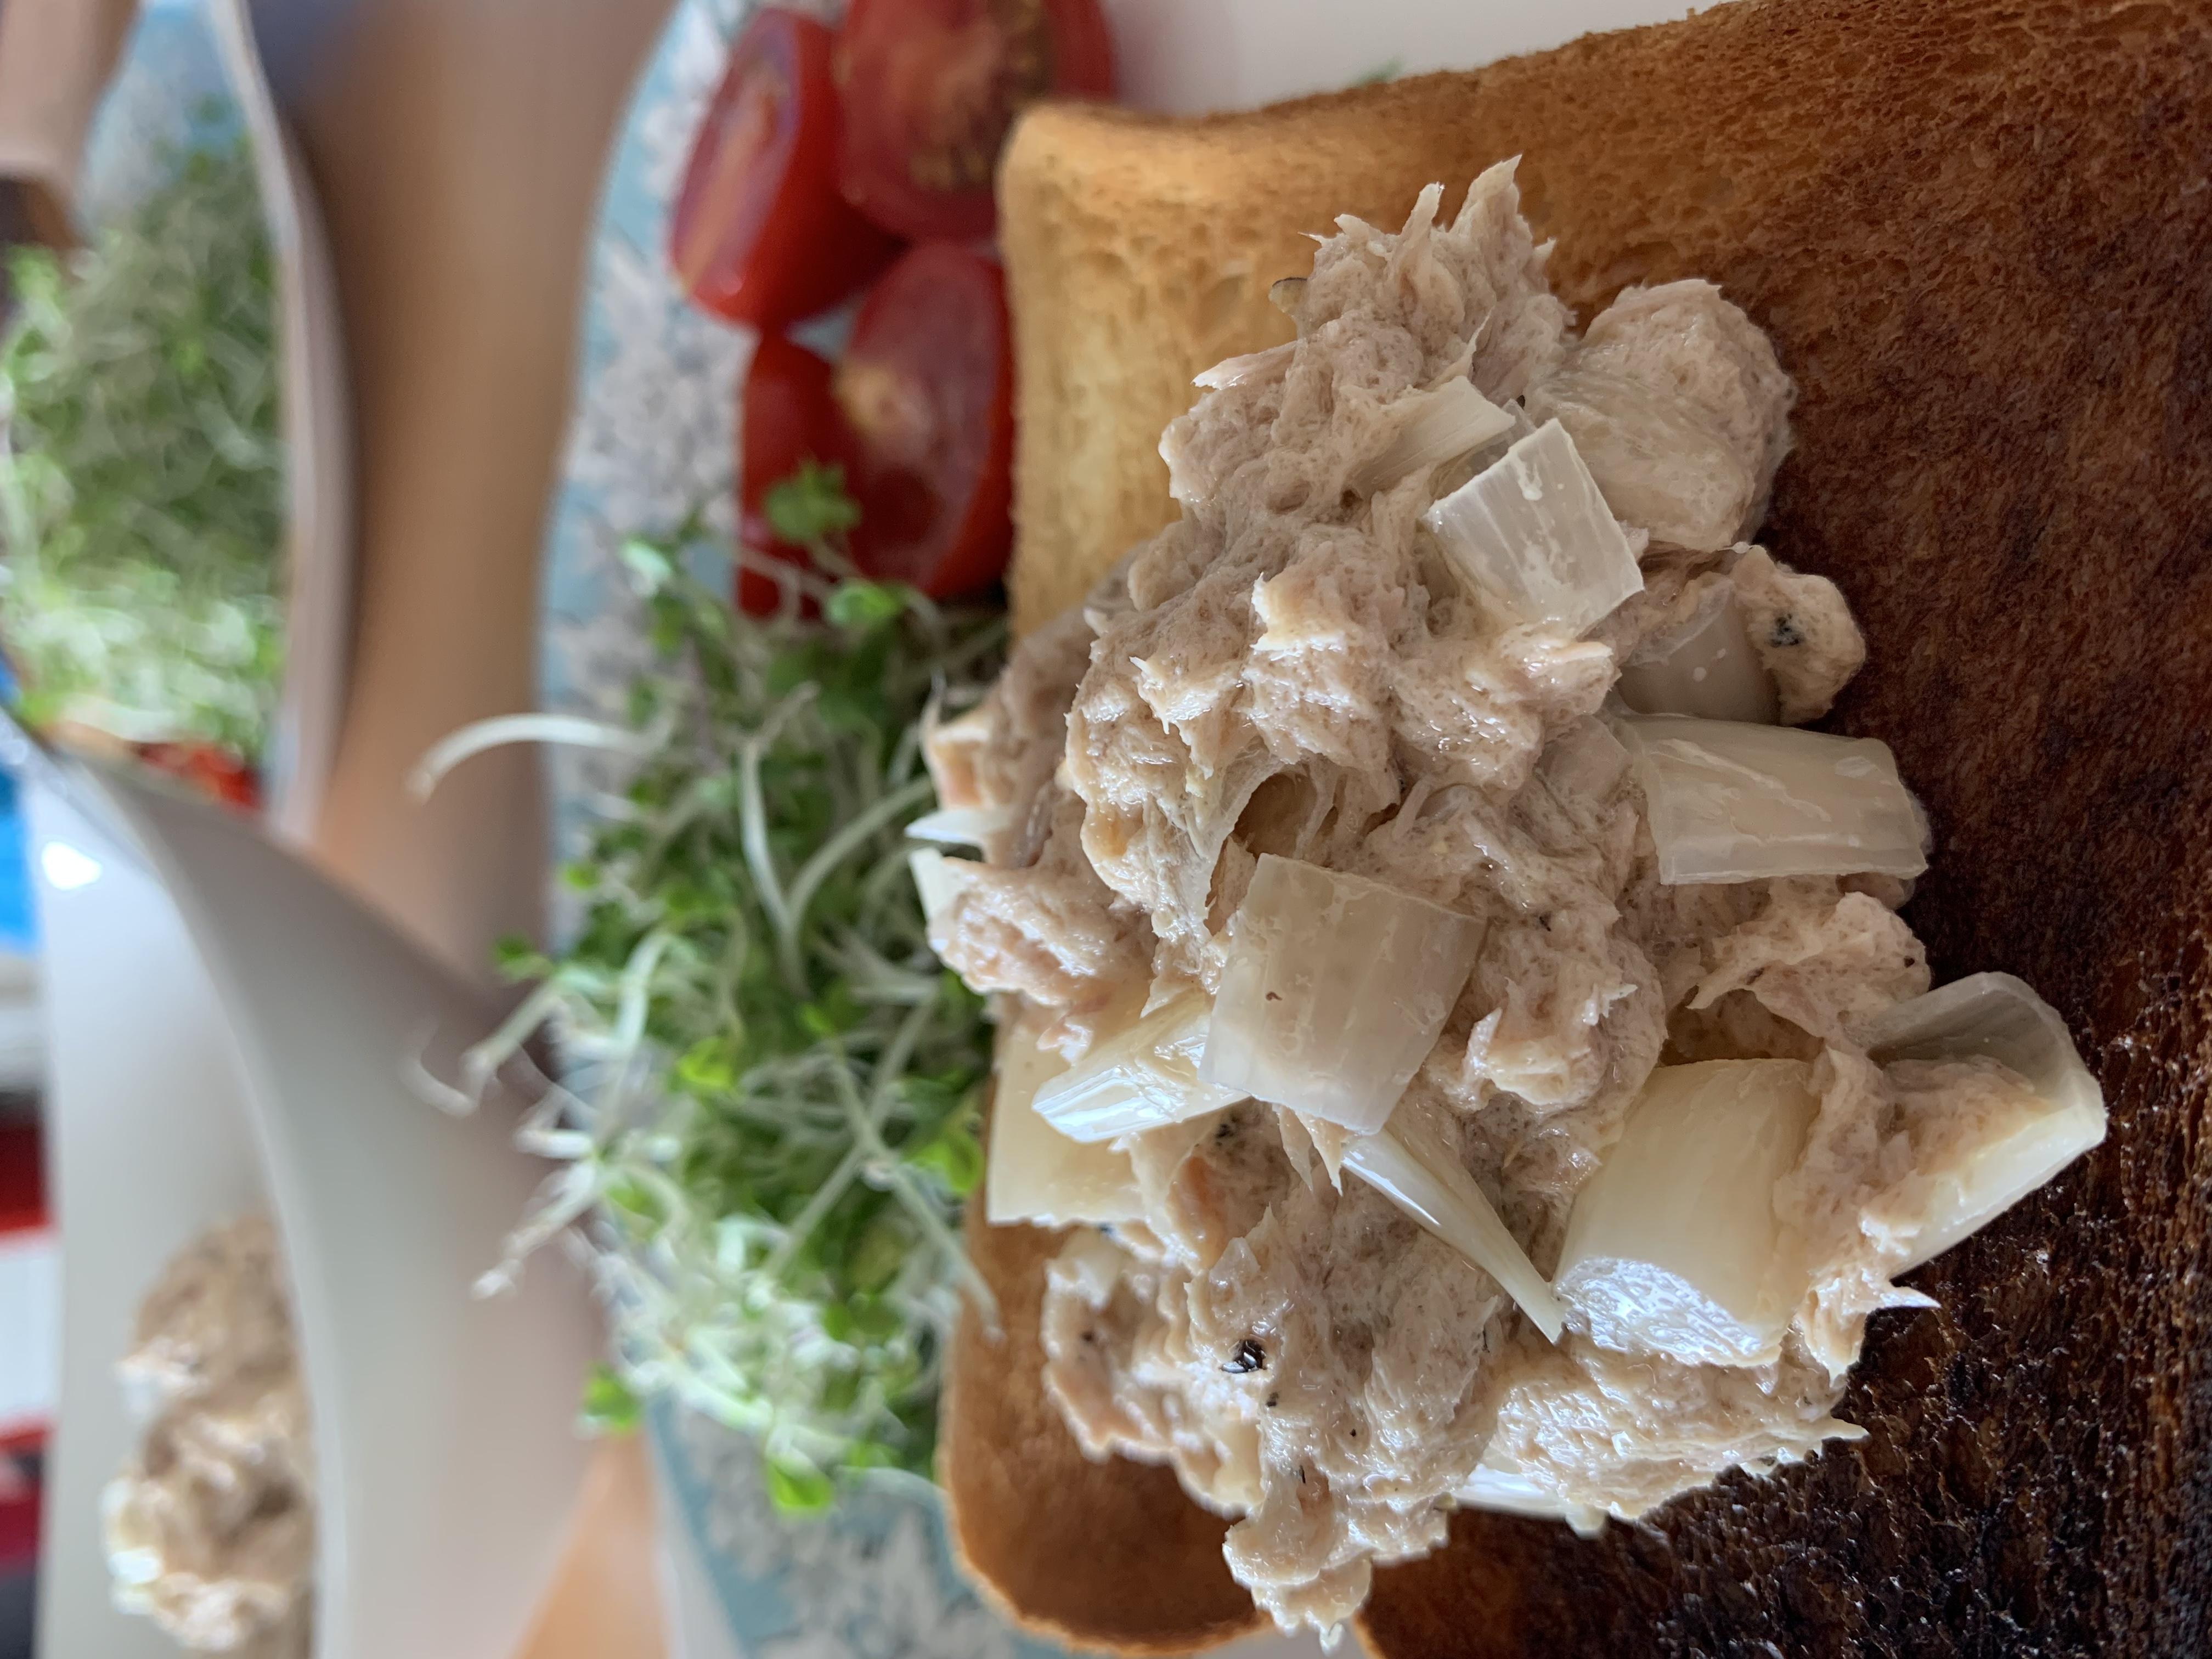 工藤家の美味しいオリーブオイルなお昼ごはん